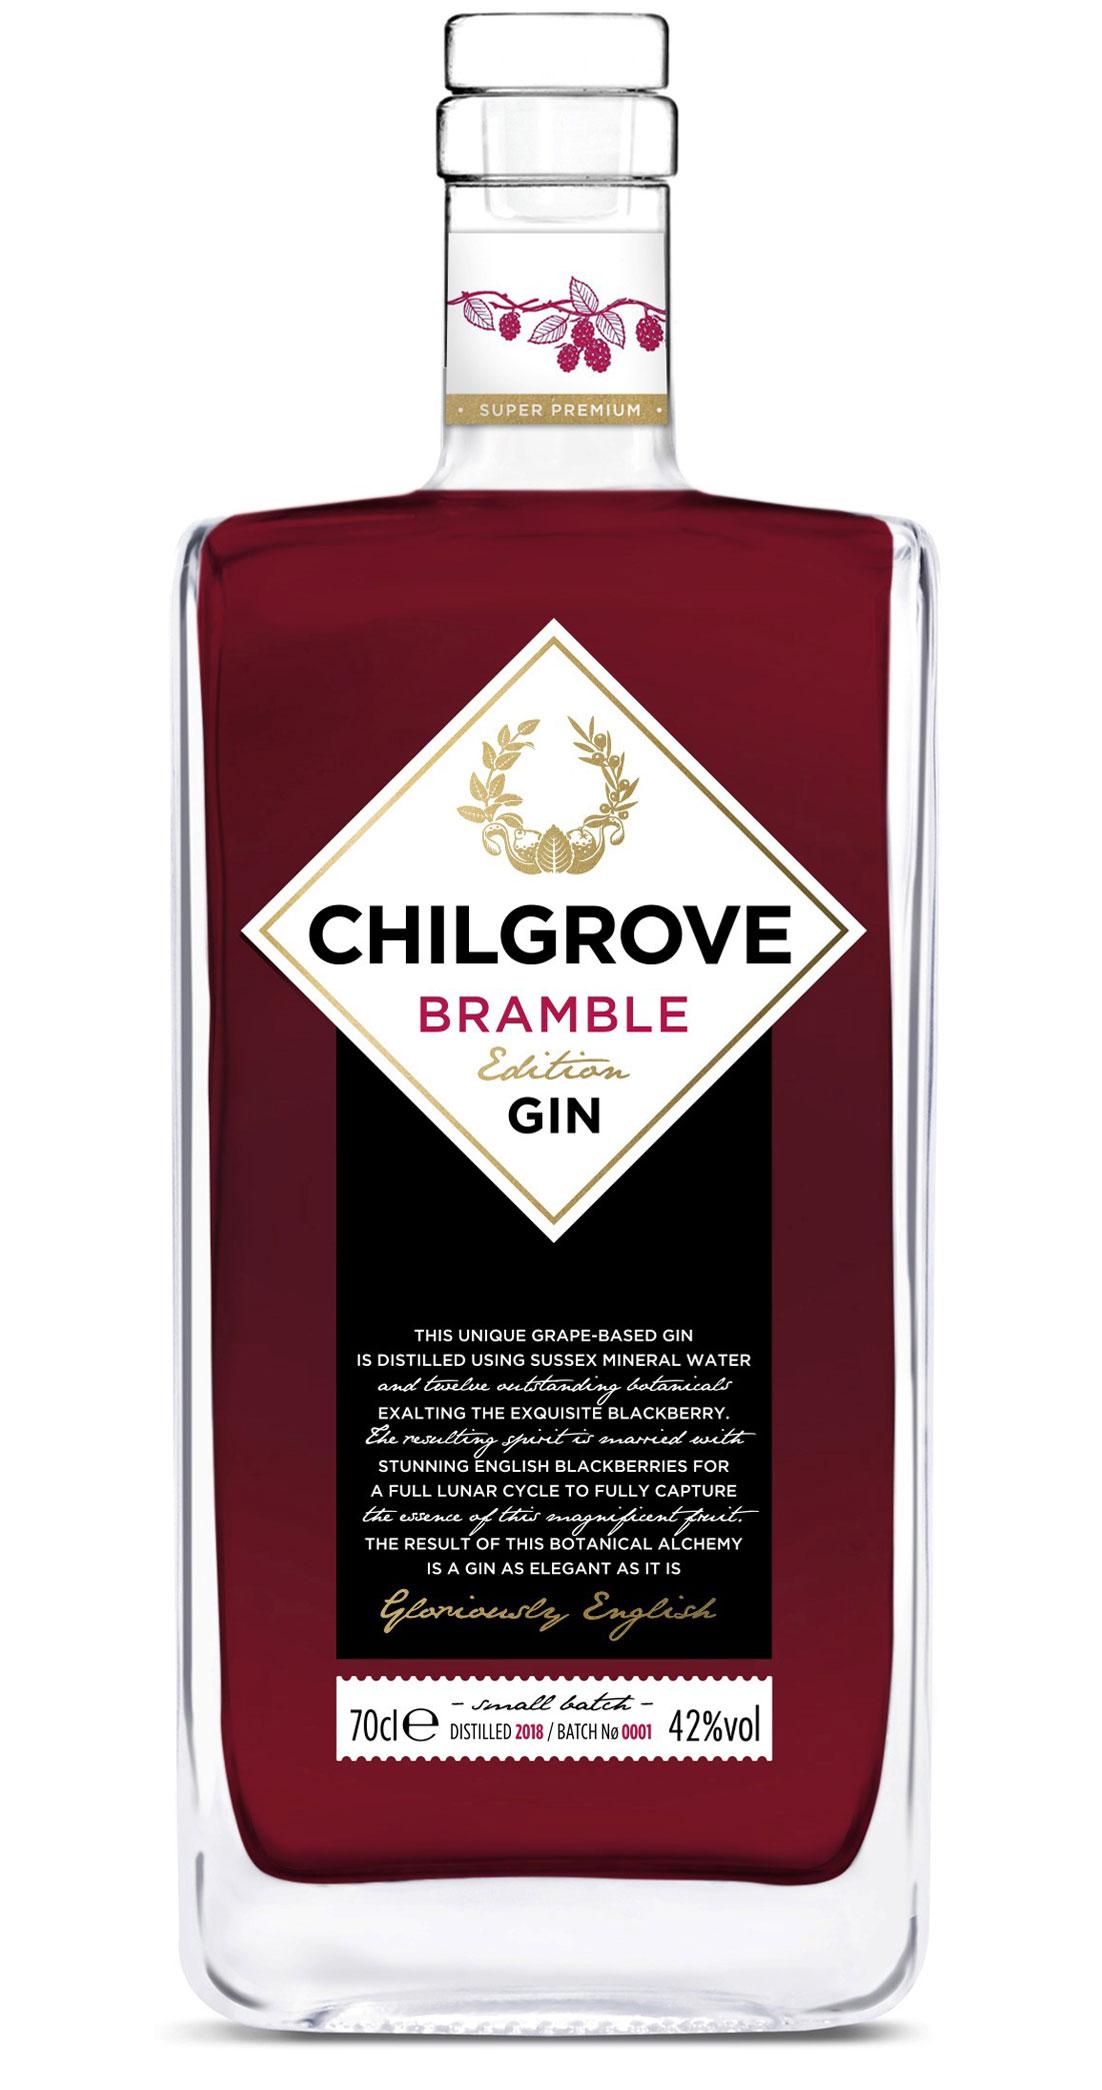 Chilgrove Bramble Gin